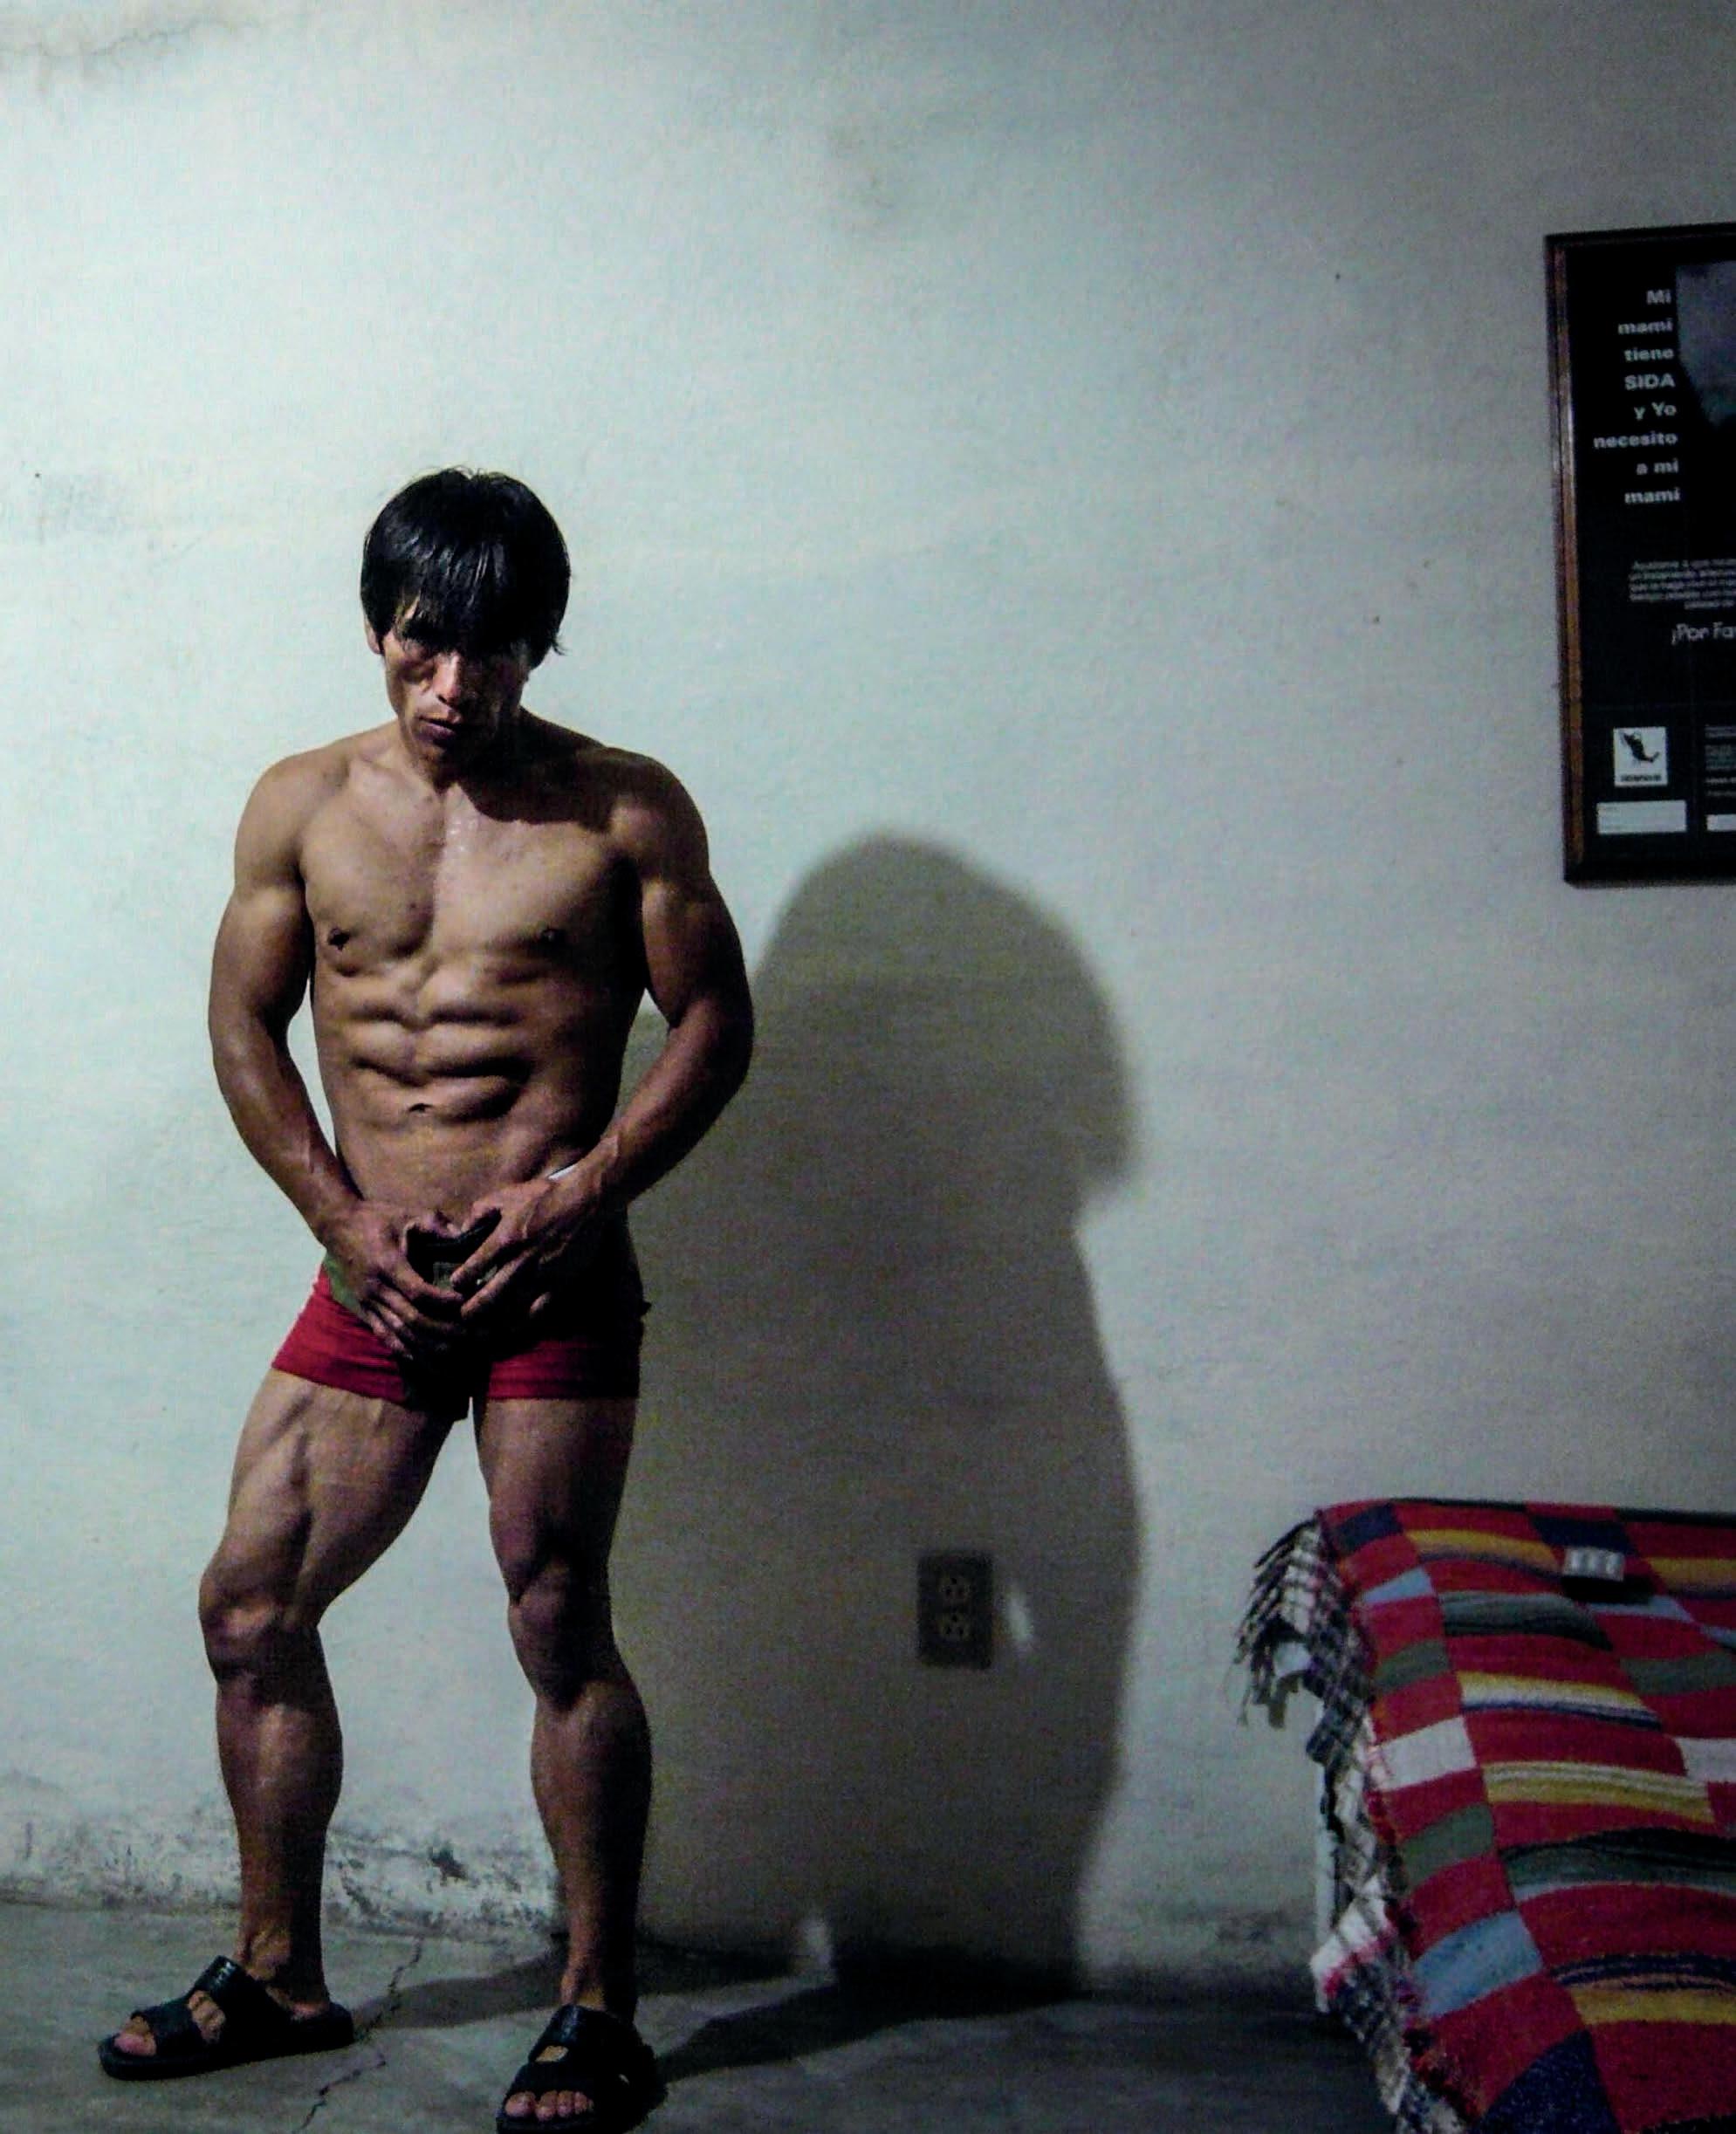 Un hombre con músculos que sufren de VIH a través de los ojos positivos